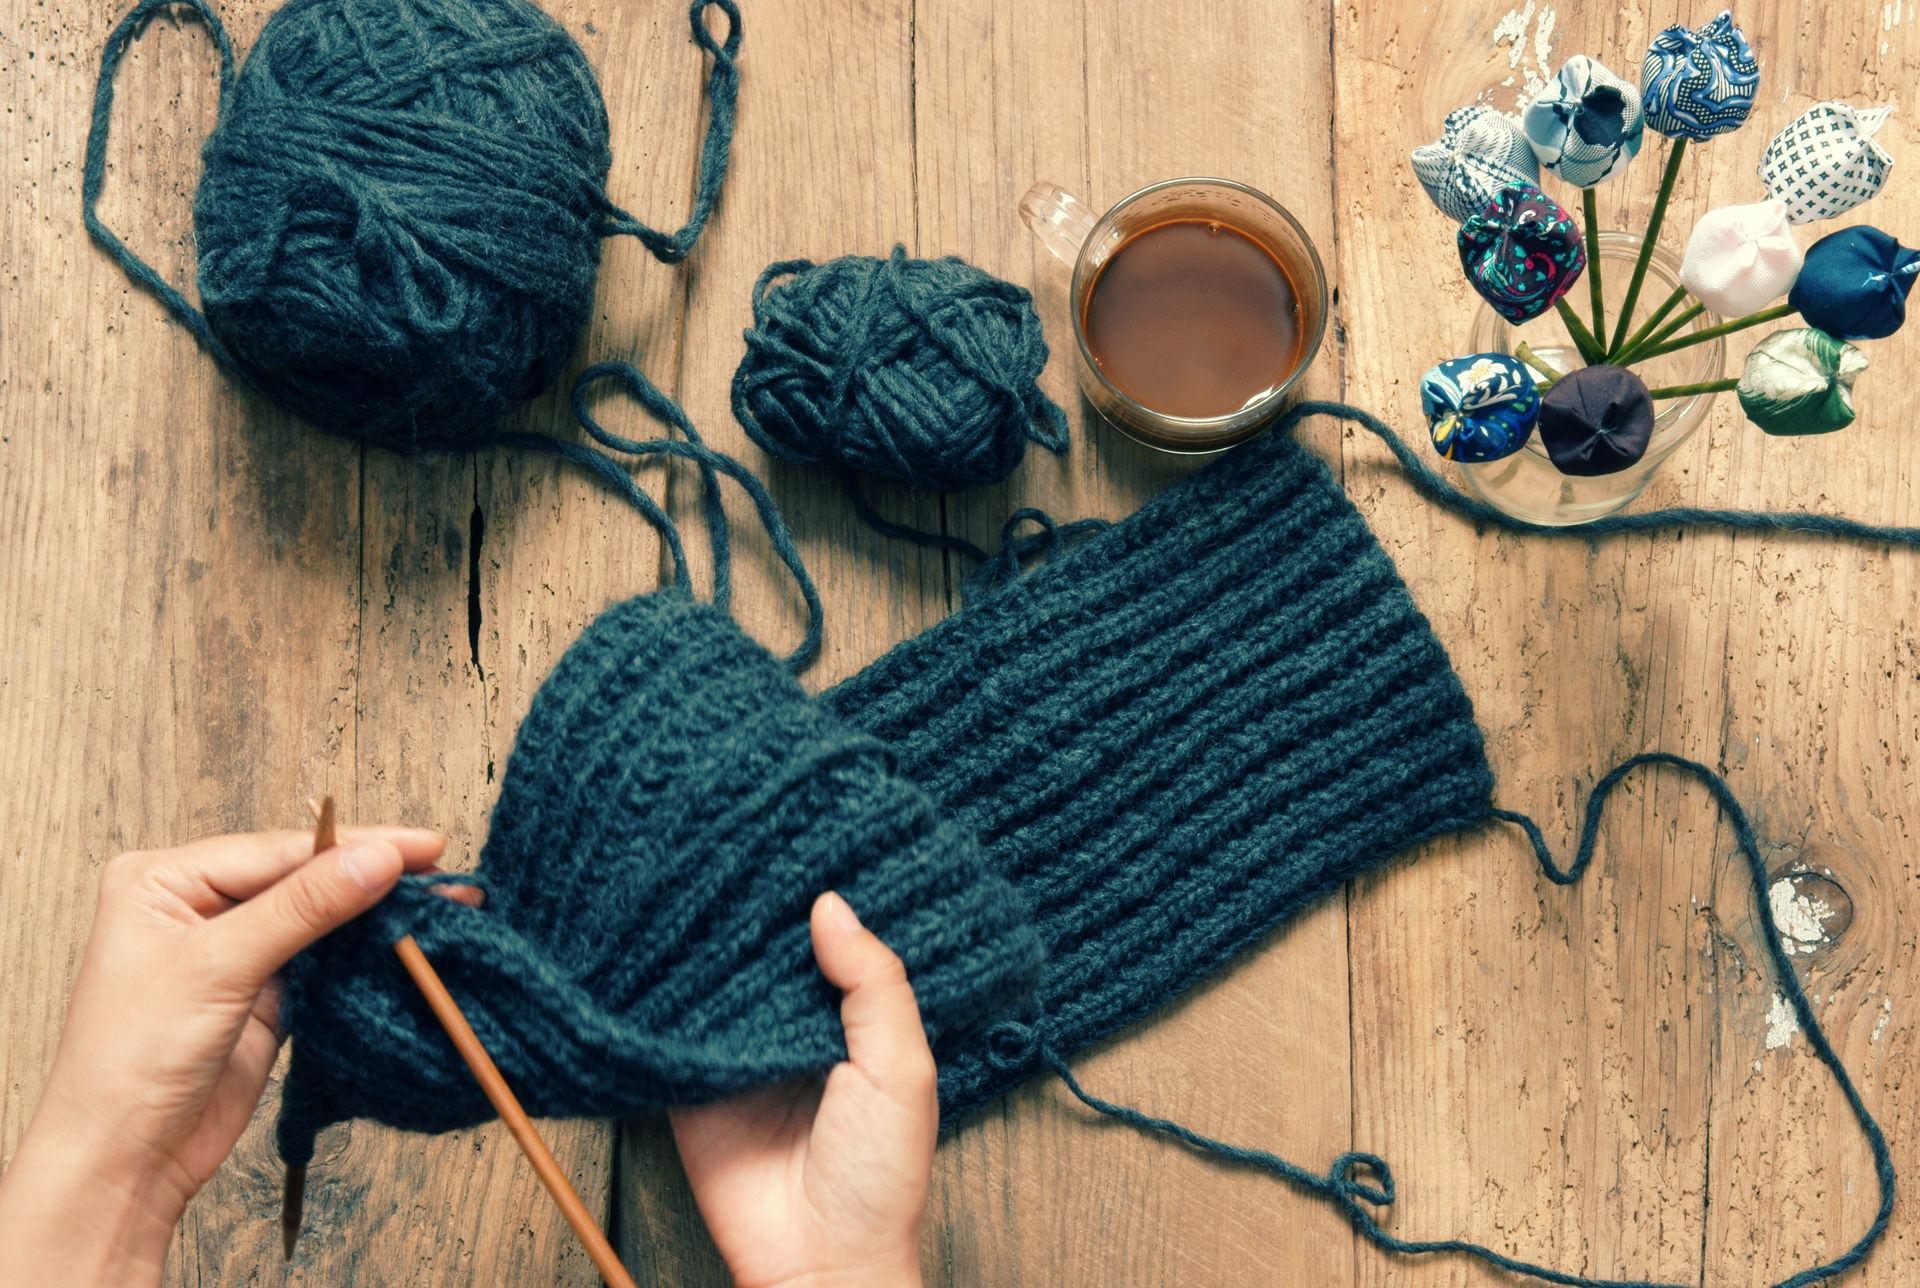 Đồ handmade được làm thủ công 100% với những nguyên liệu có sẵn (Nguồn: Internet)